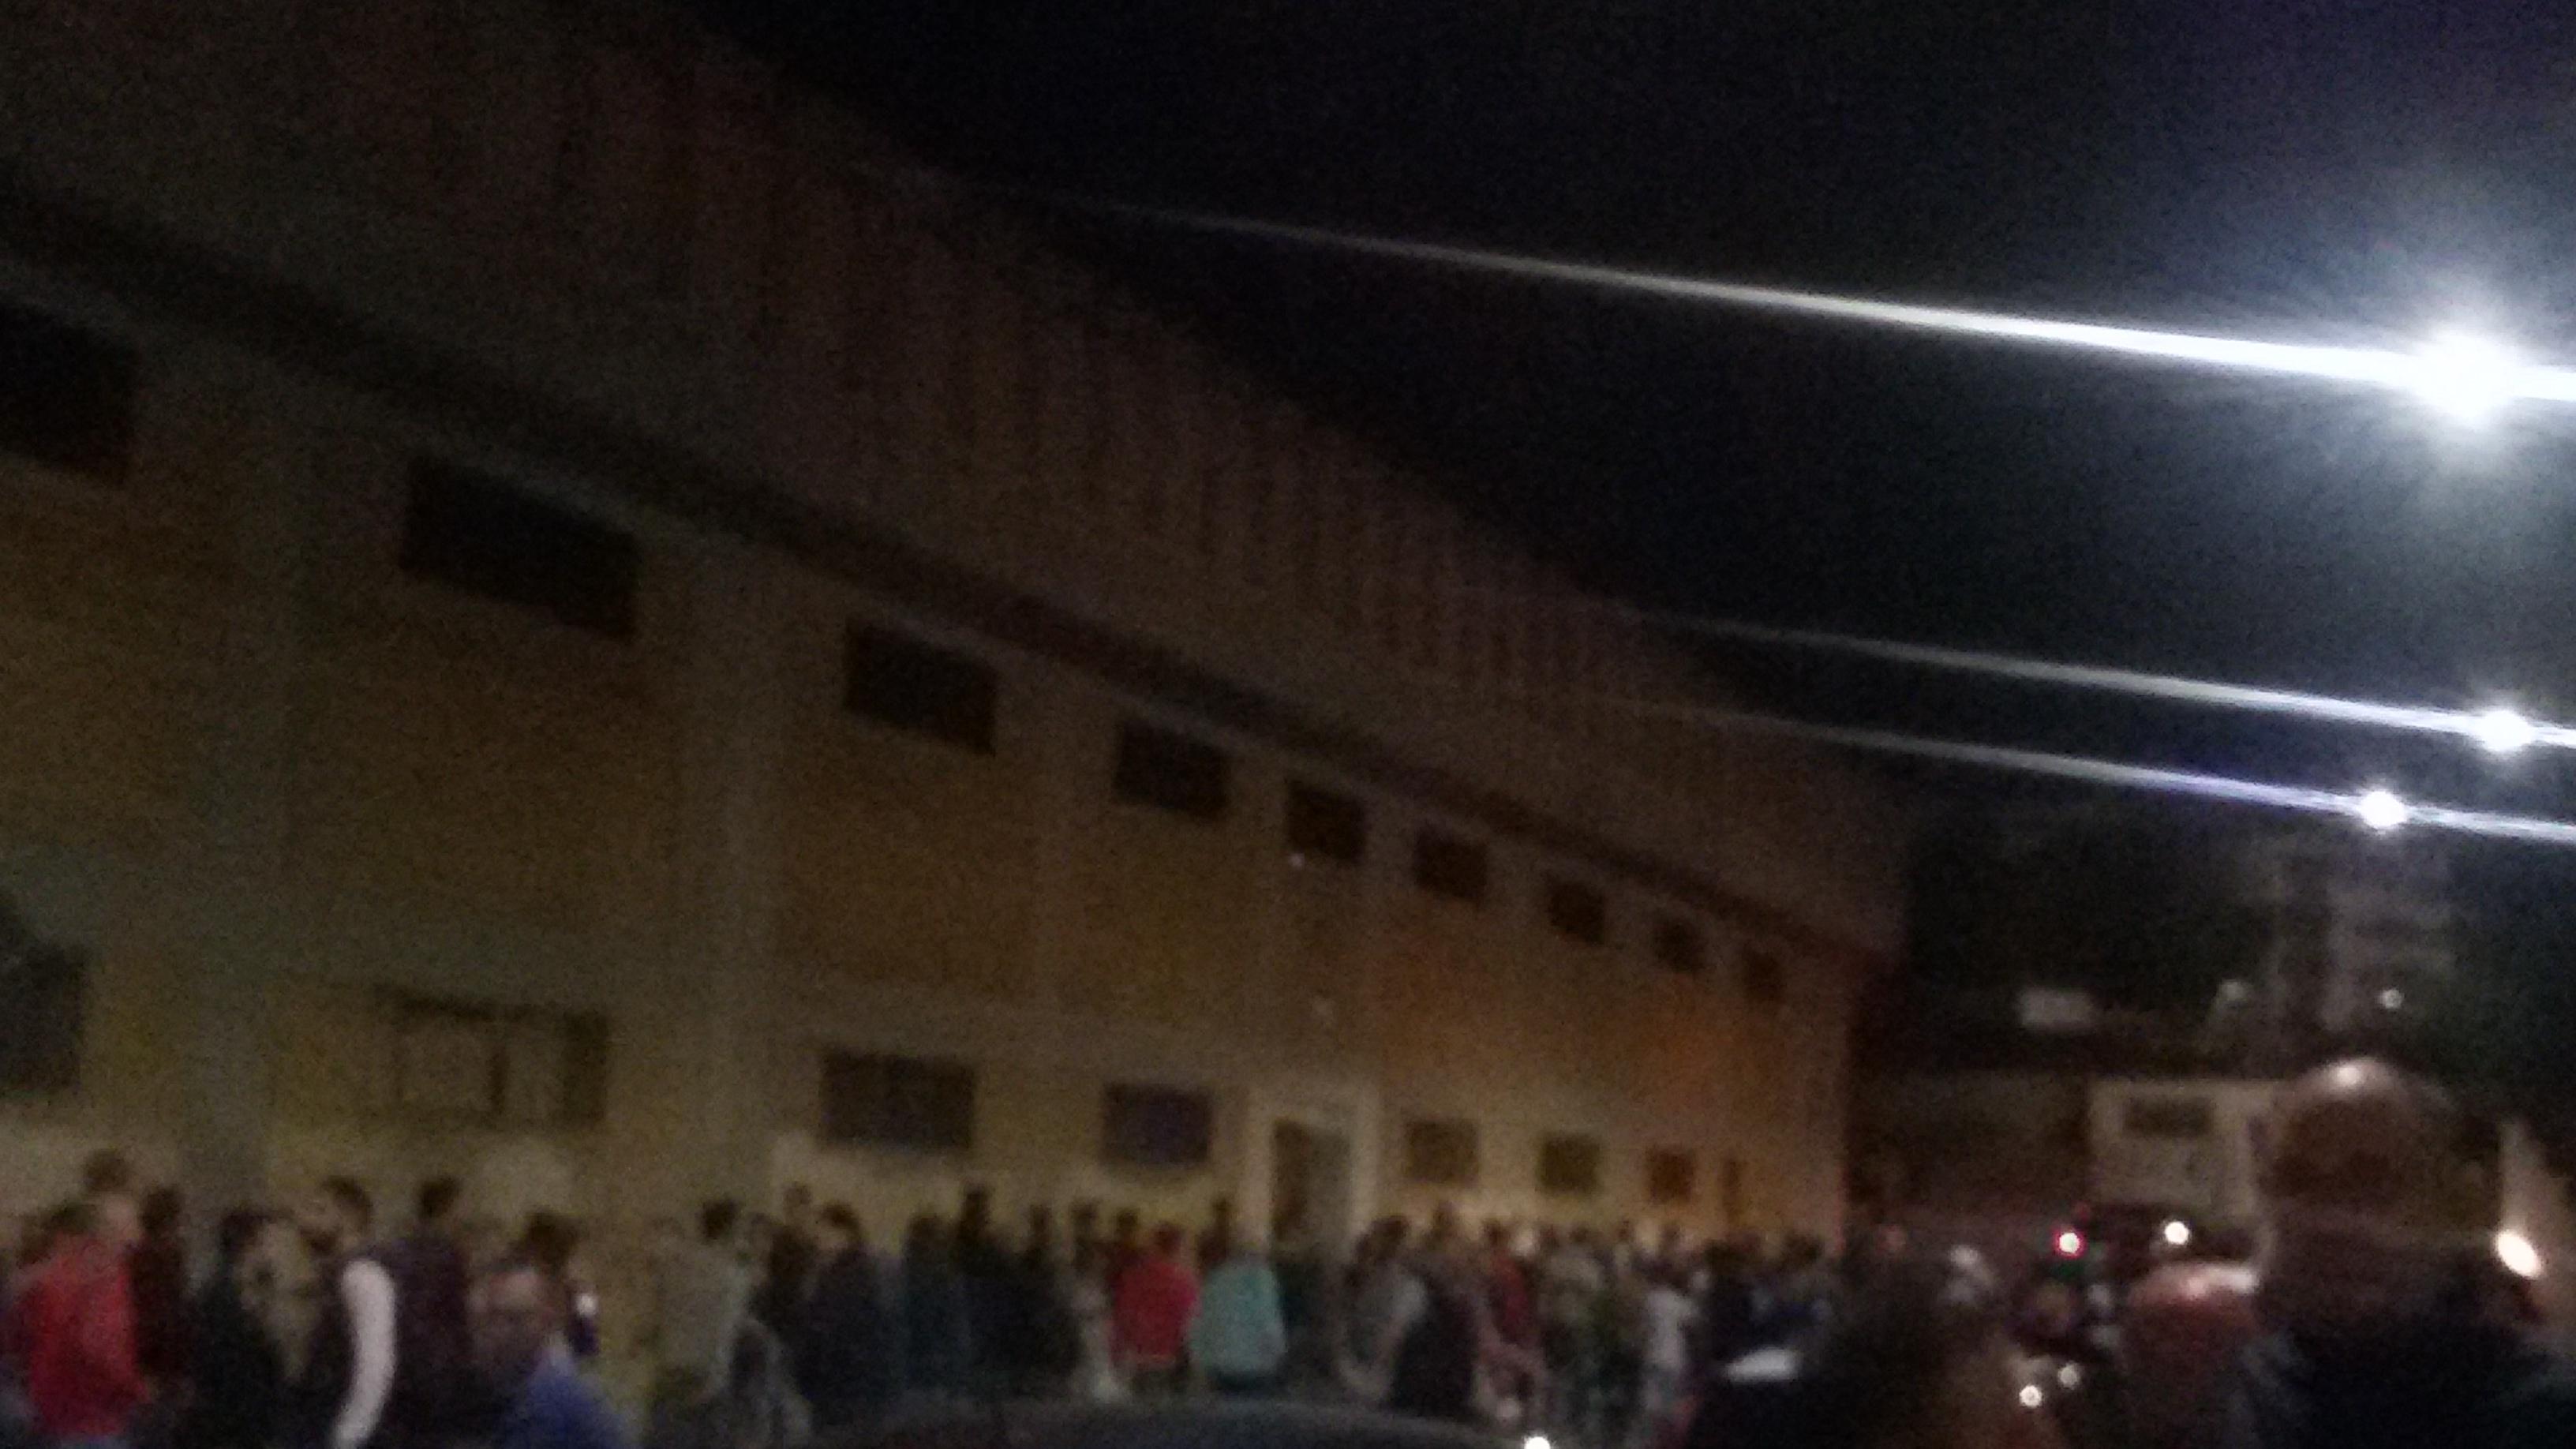 I tifosi 'accendono' l'Esseneto: ecco la protesta per chiedere l'impianto di illuminazione